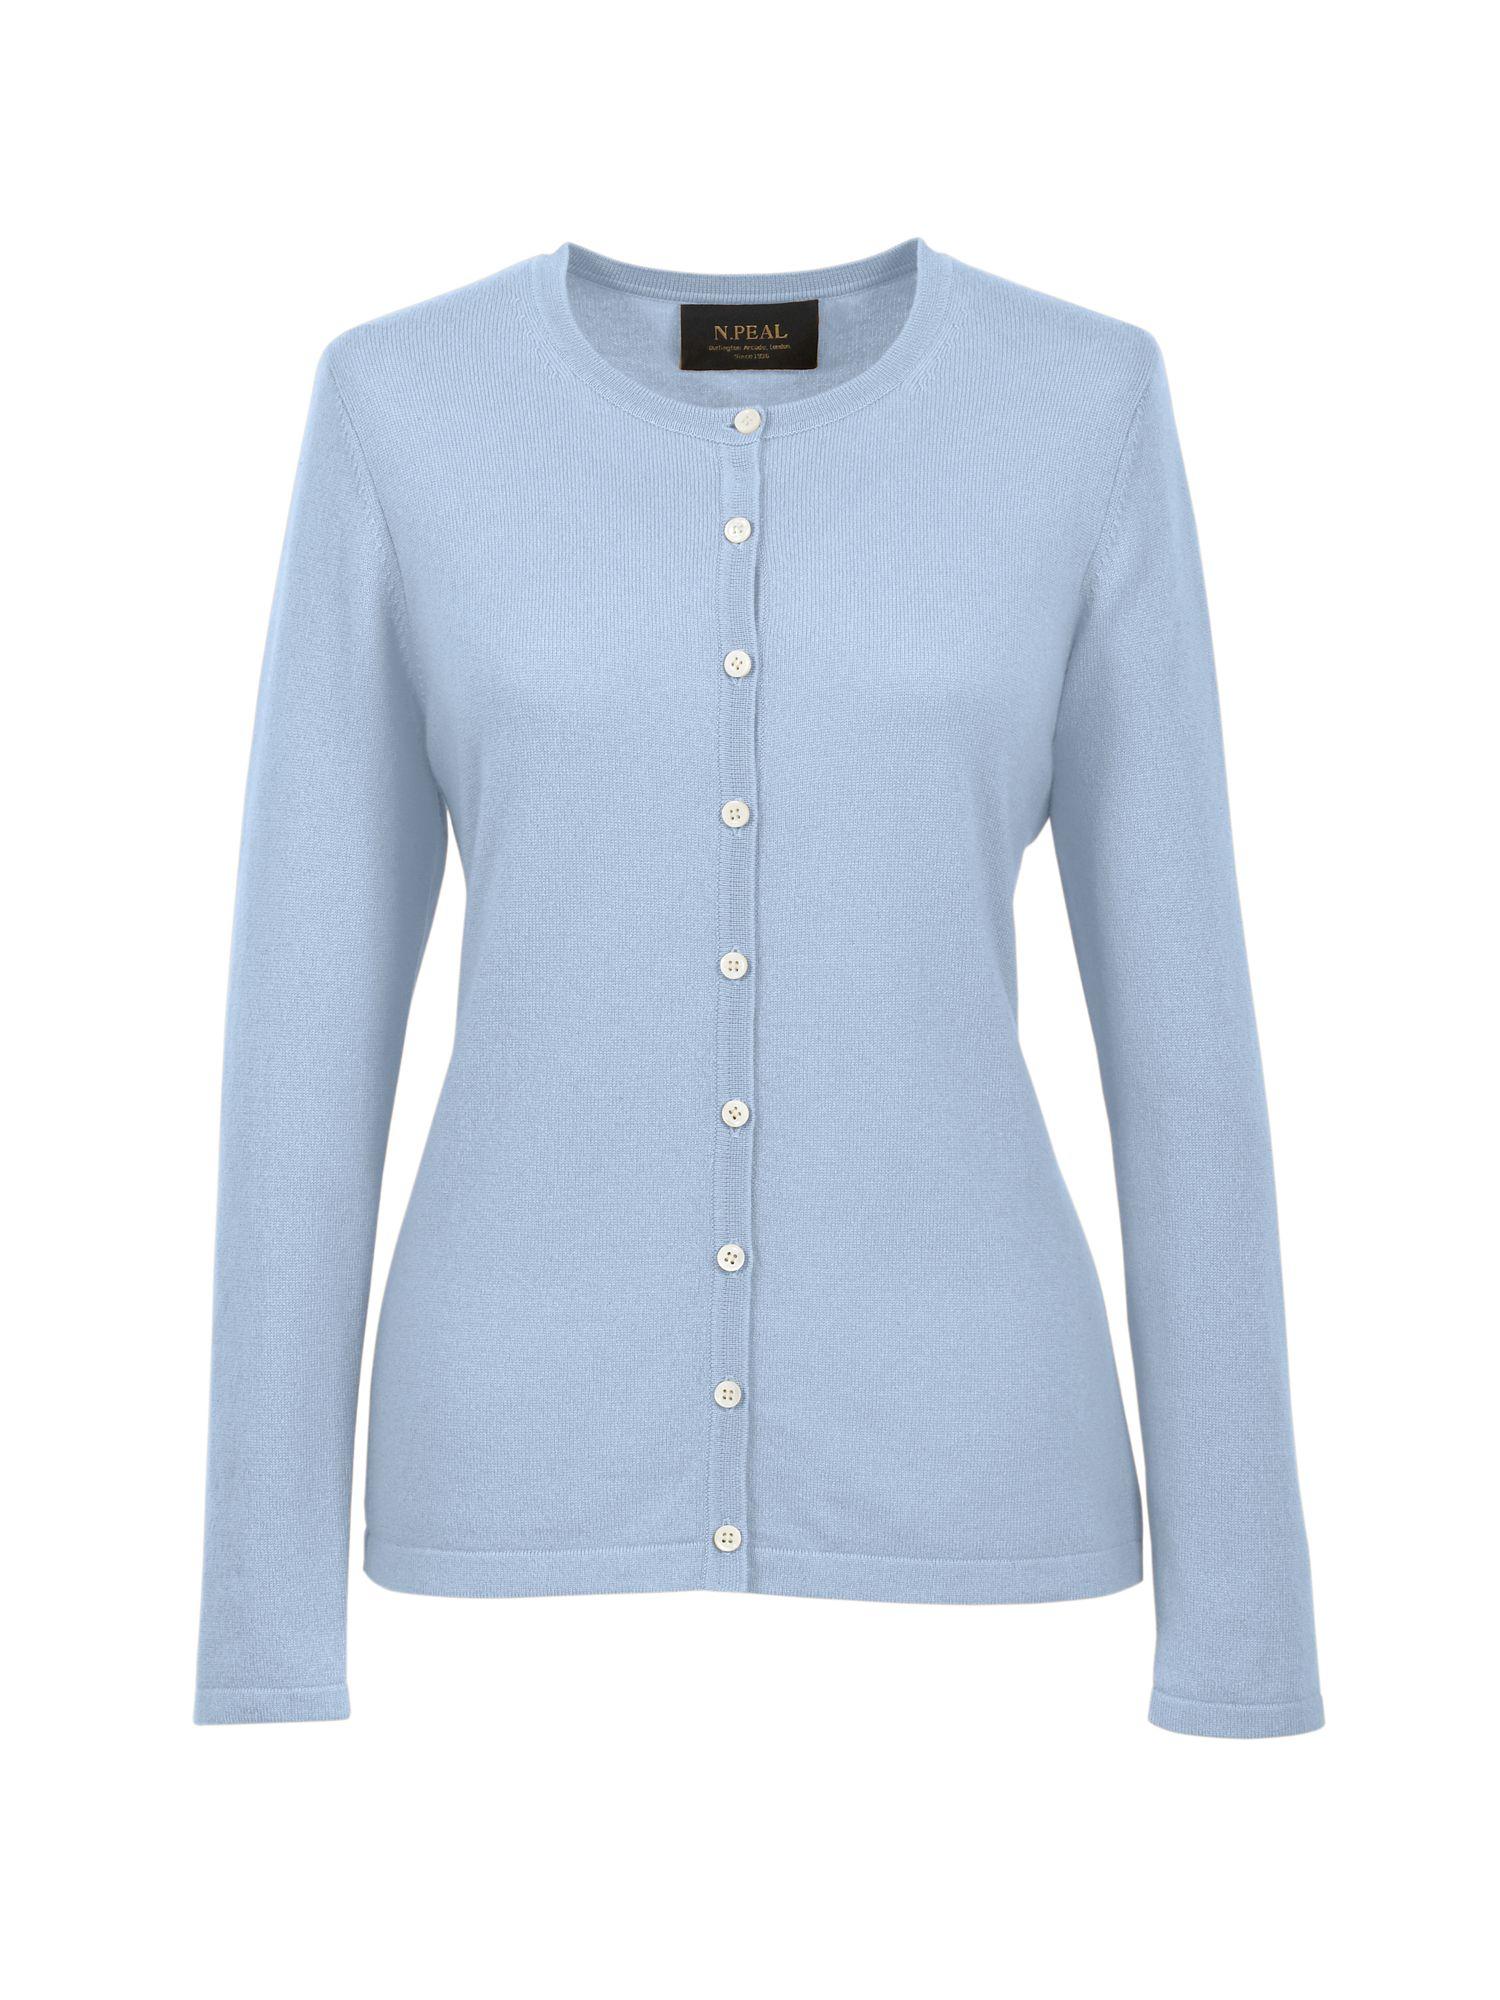 Světle modrý kašmírový svetr s propínáním a okrouhlým výstřihem bb529ded22